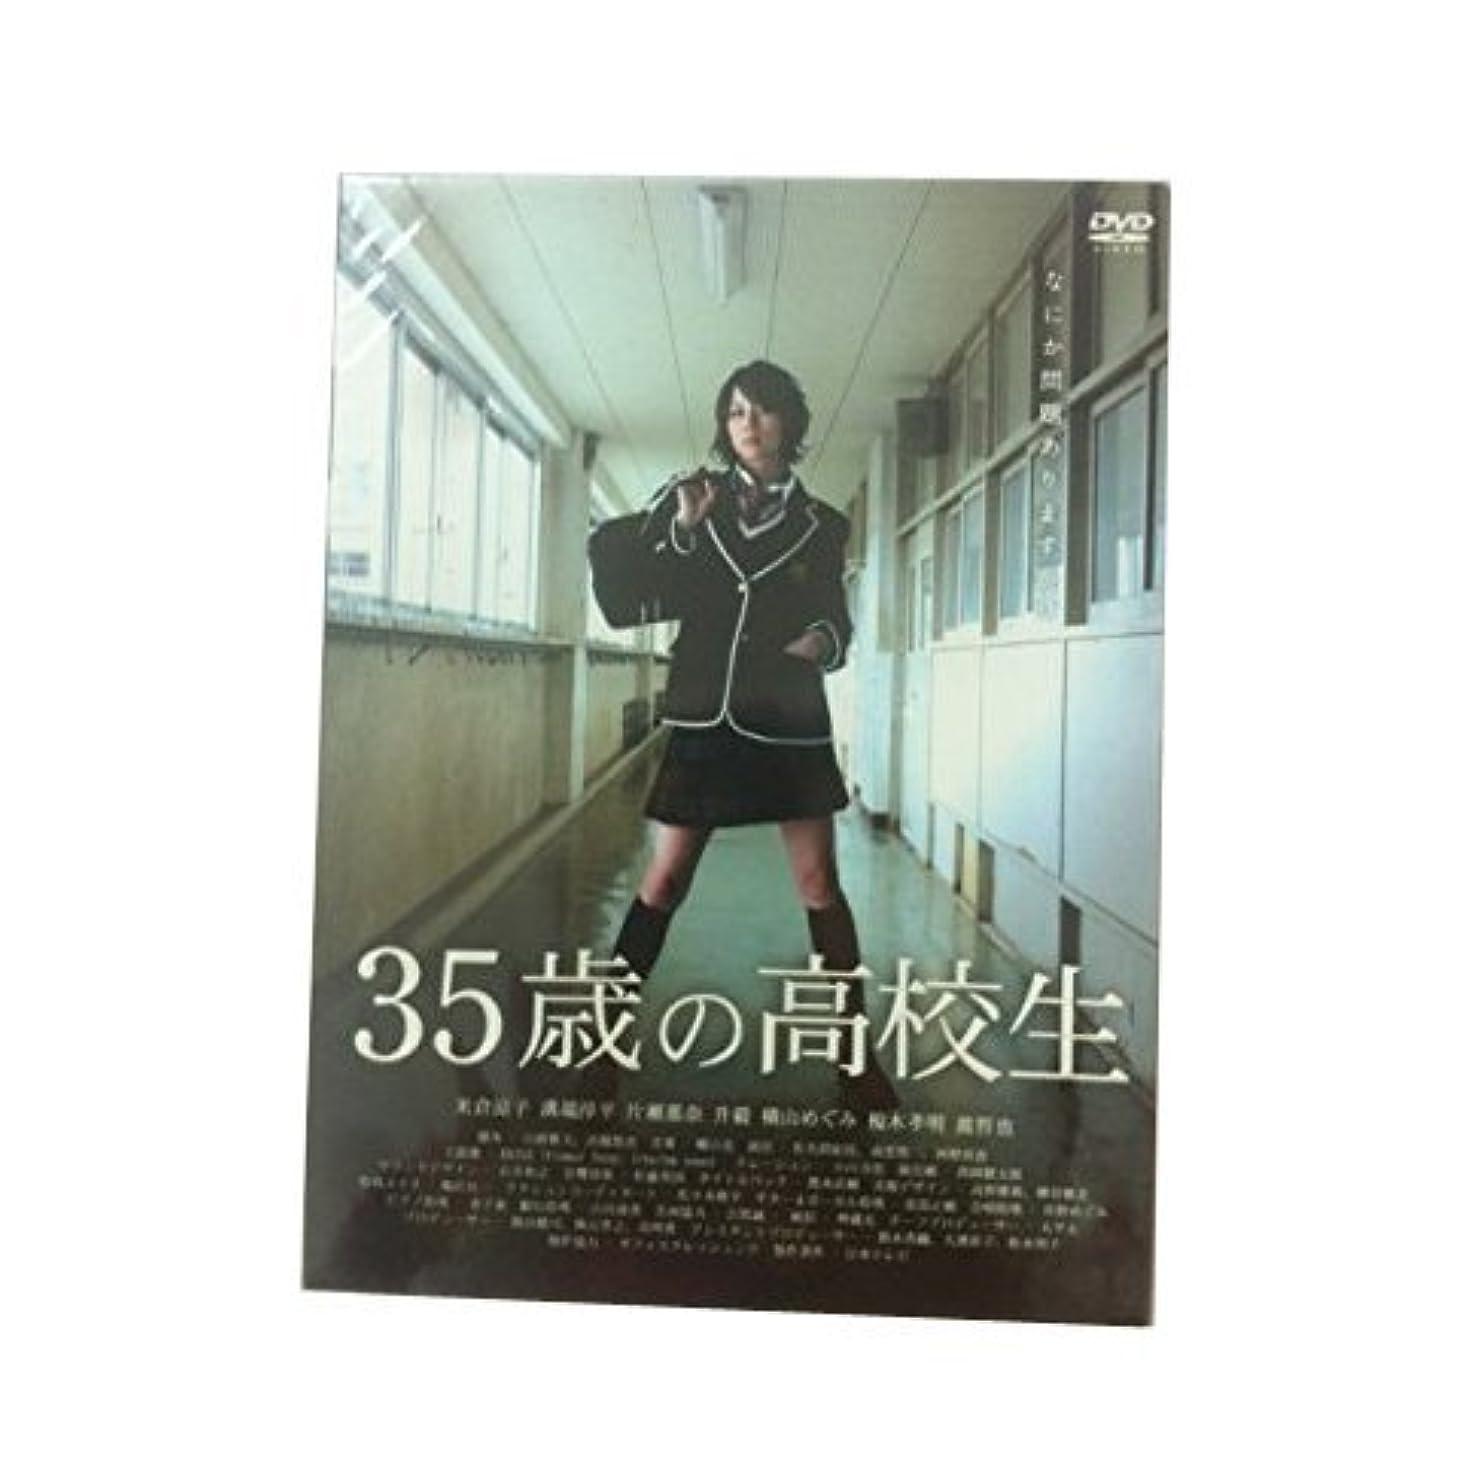 召喚する侵入鉛筆35歳の高校生 (2013)